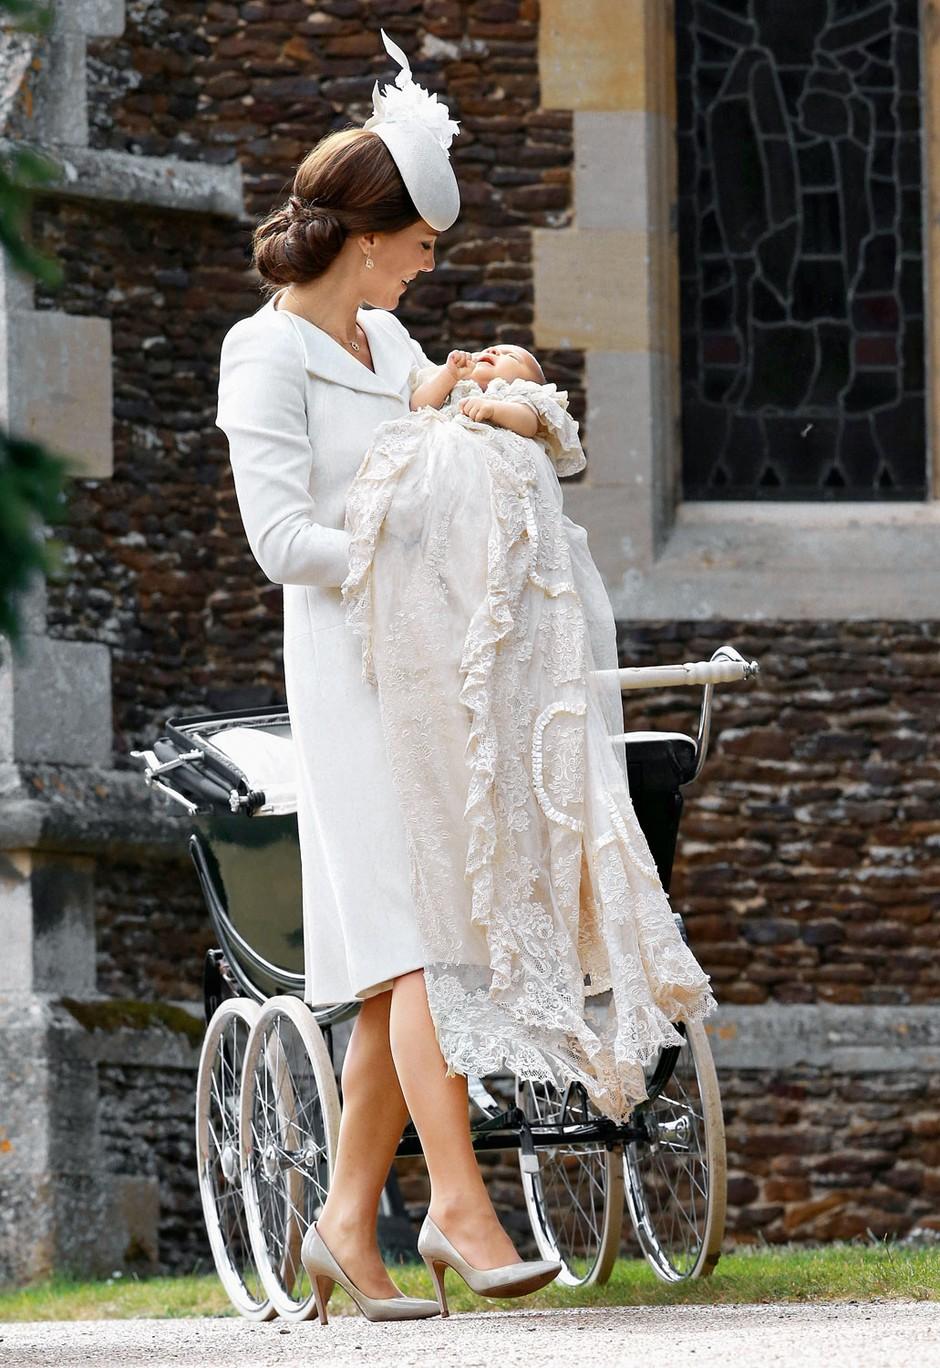 Princeso Charlotte je morala mamica pred vstopom v  cerkev potolažiti. (foto: profimedia)